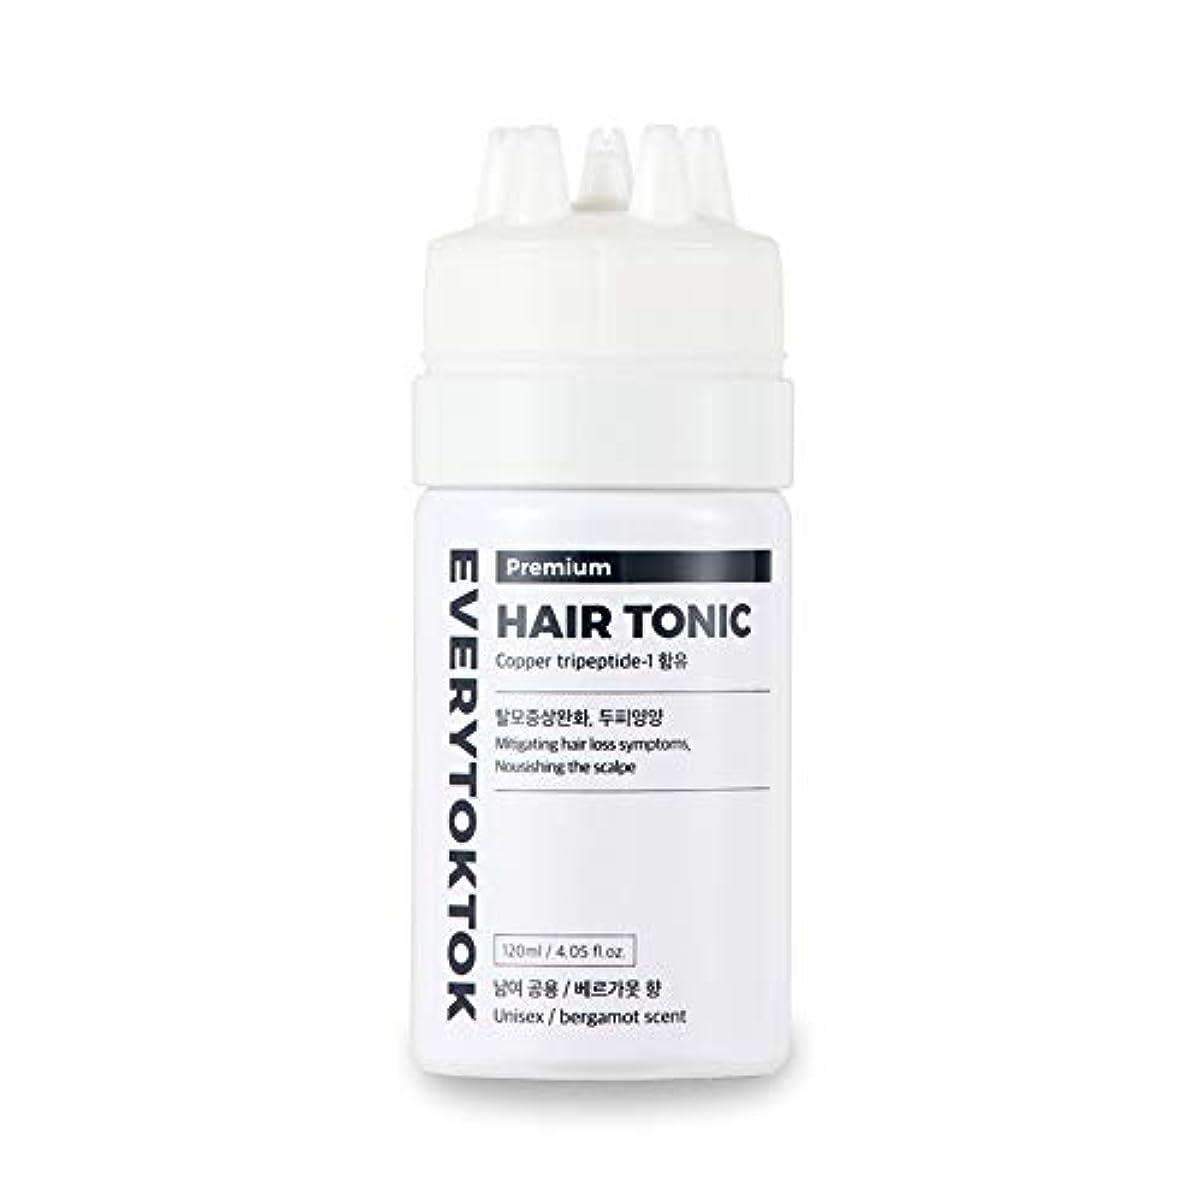 関係不愉快火曜日[Every TokTok] プレミアムヘアトニック - 頭皮エッセンス、育毛セラム、髪の根、髪の成長、4.05 fl oz、 韓国 ヘアトリートメント